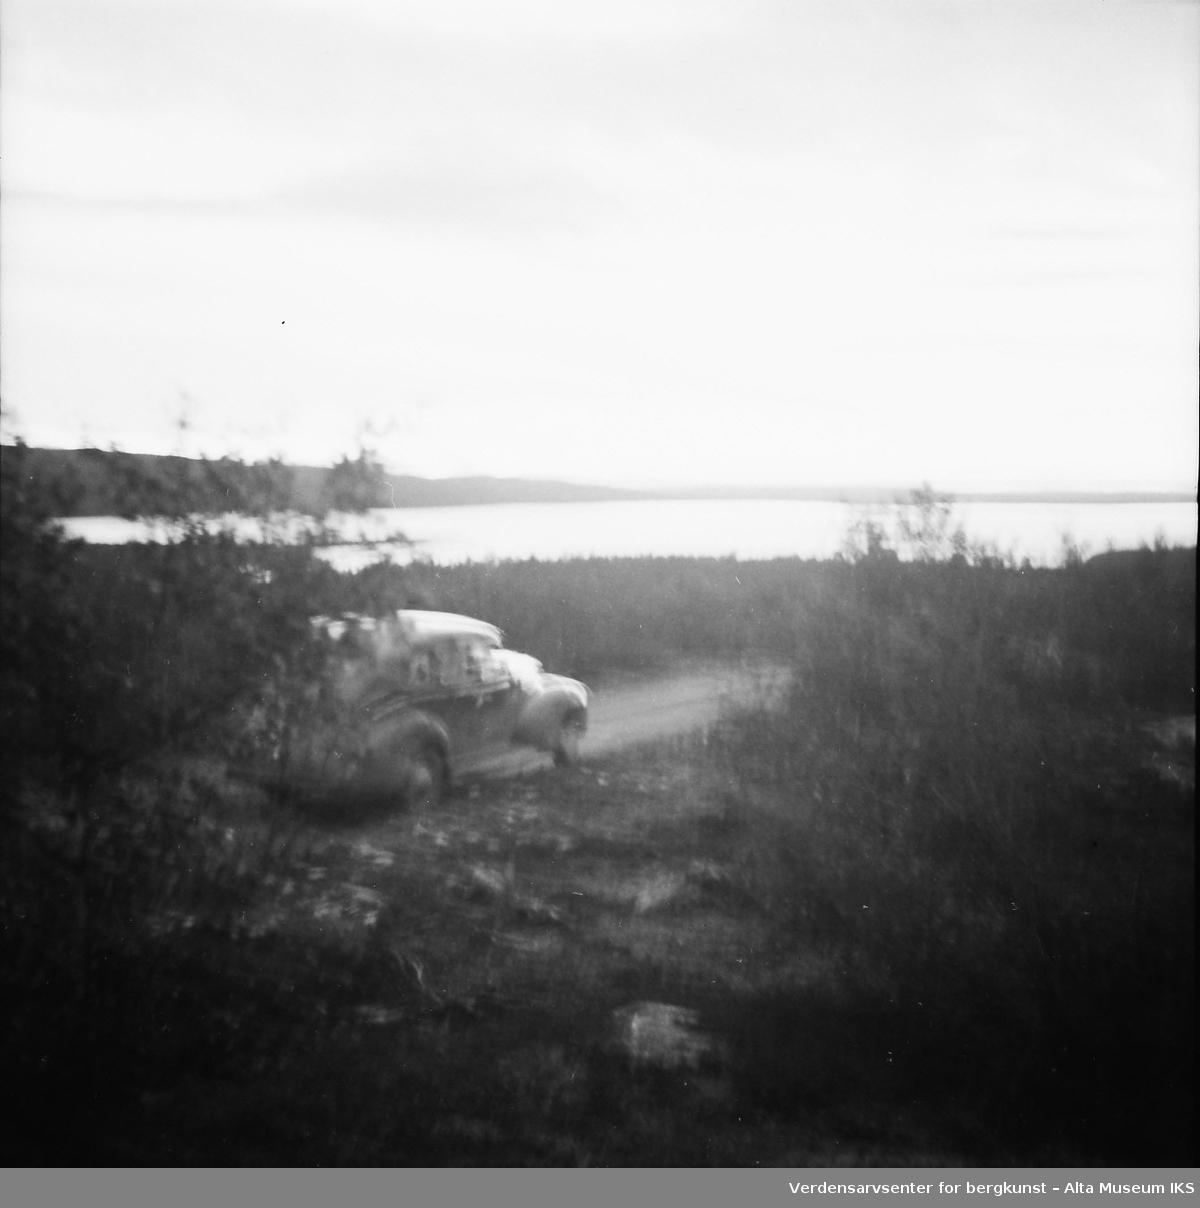 Bilde av en bil som kjører langs en landevei. Bildet er fra en Finlandstur.